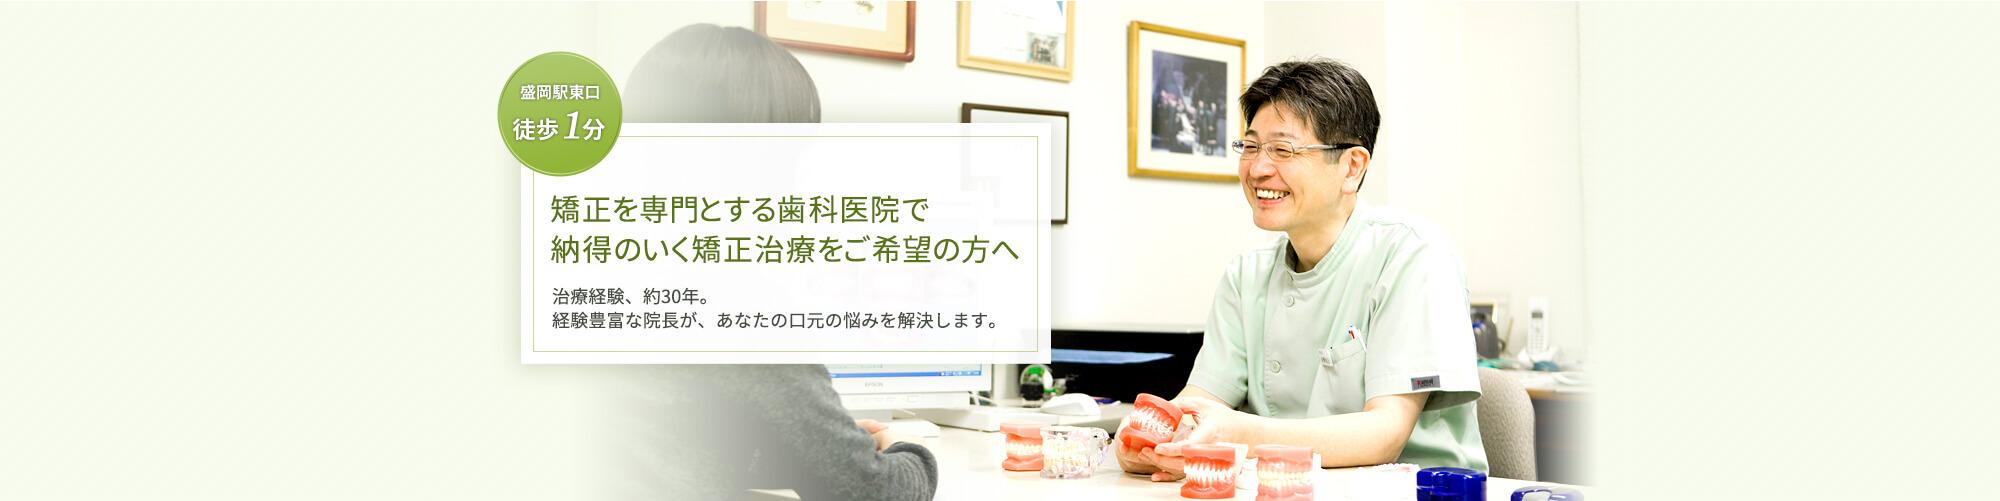 盛岡駅東口徒歩1分。日本矯正歯科学会専門医が行う歯科矯正専門医院です。治療経験、約30年。経験豊富な院長が、あなたの口元の悩みを解決します。